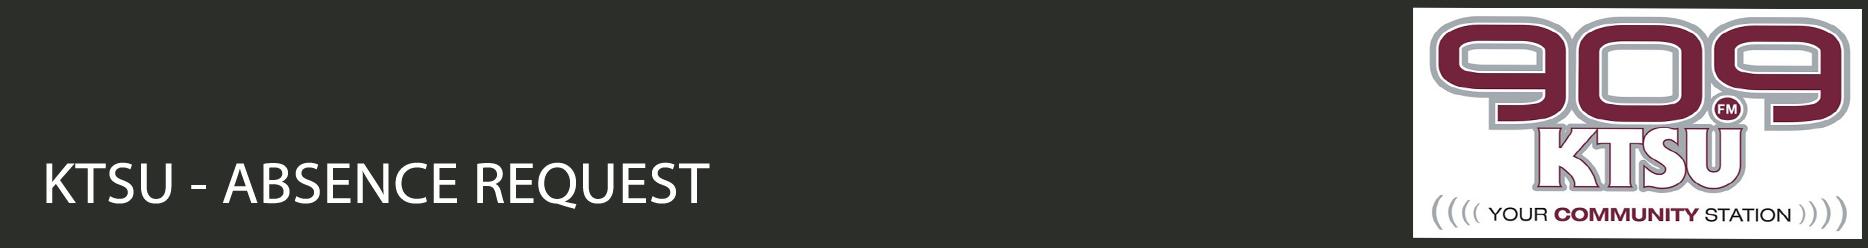 ktsu-absence-request